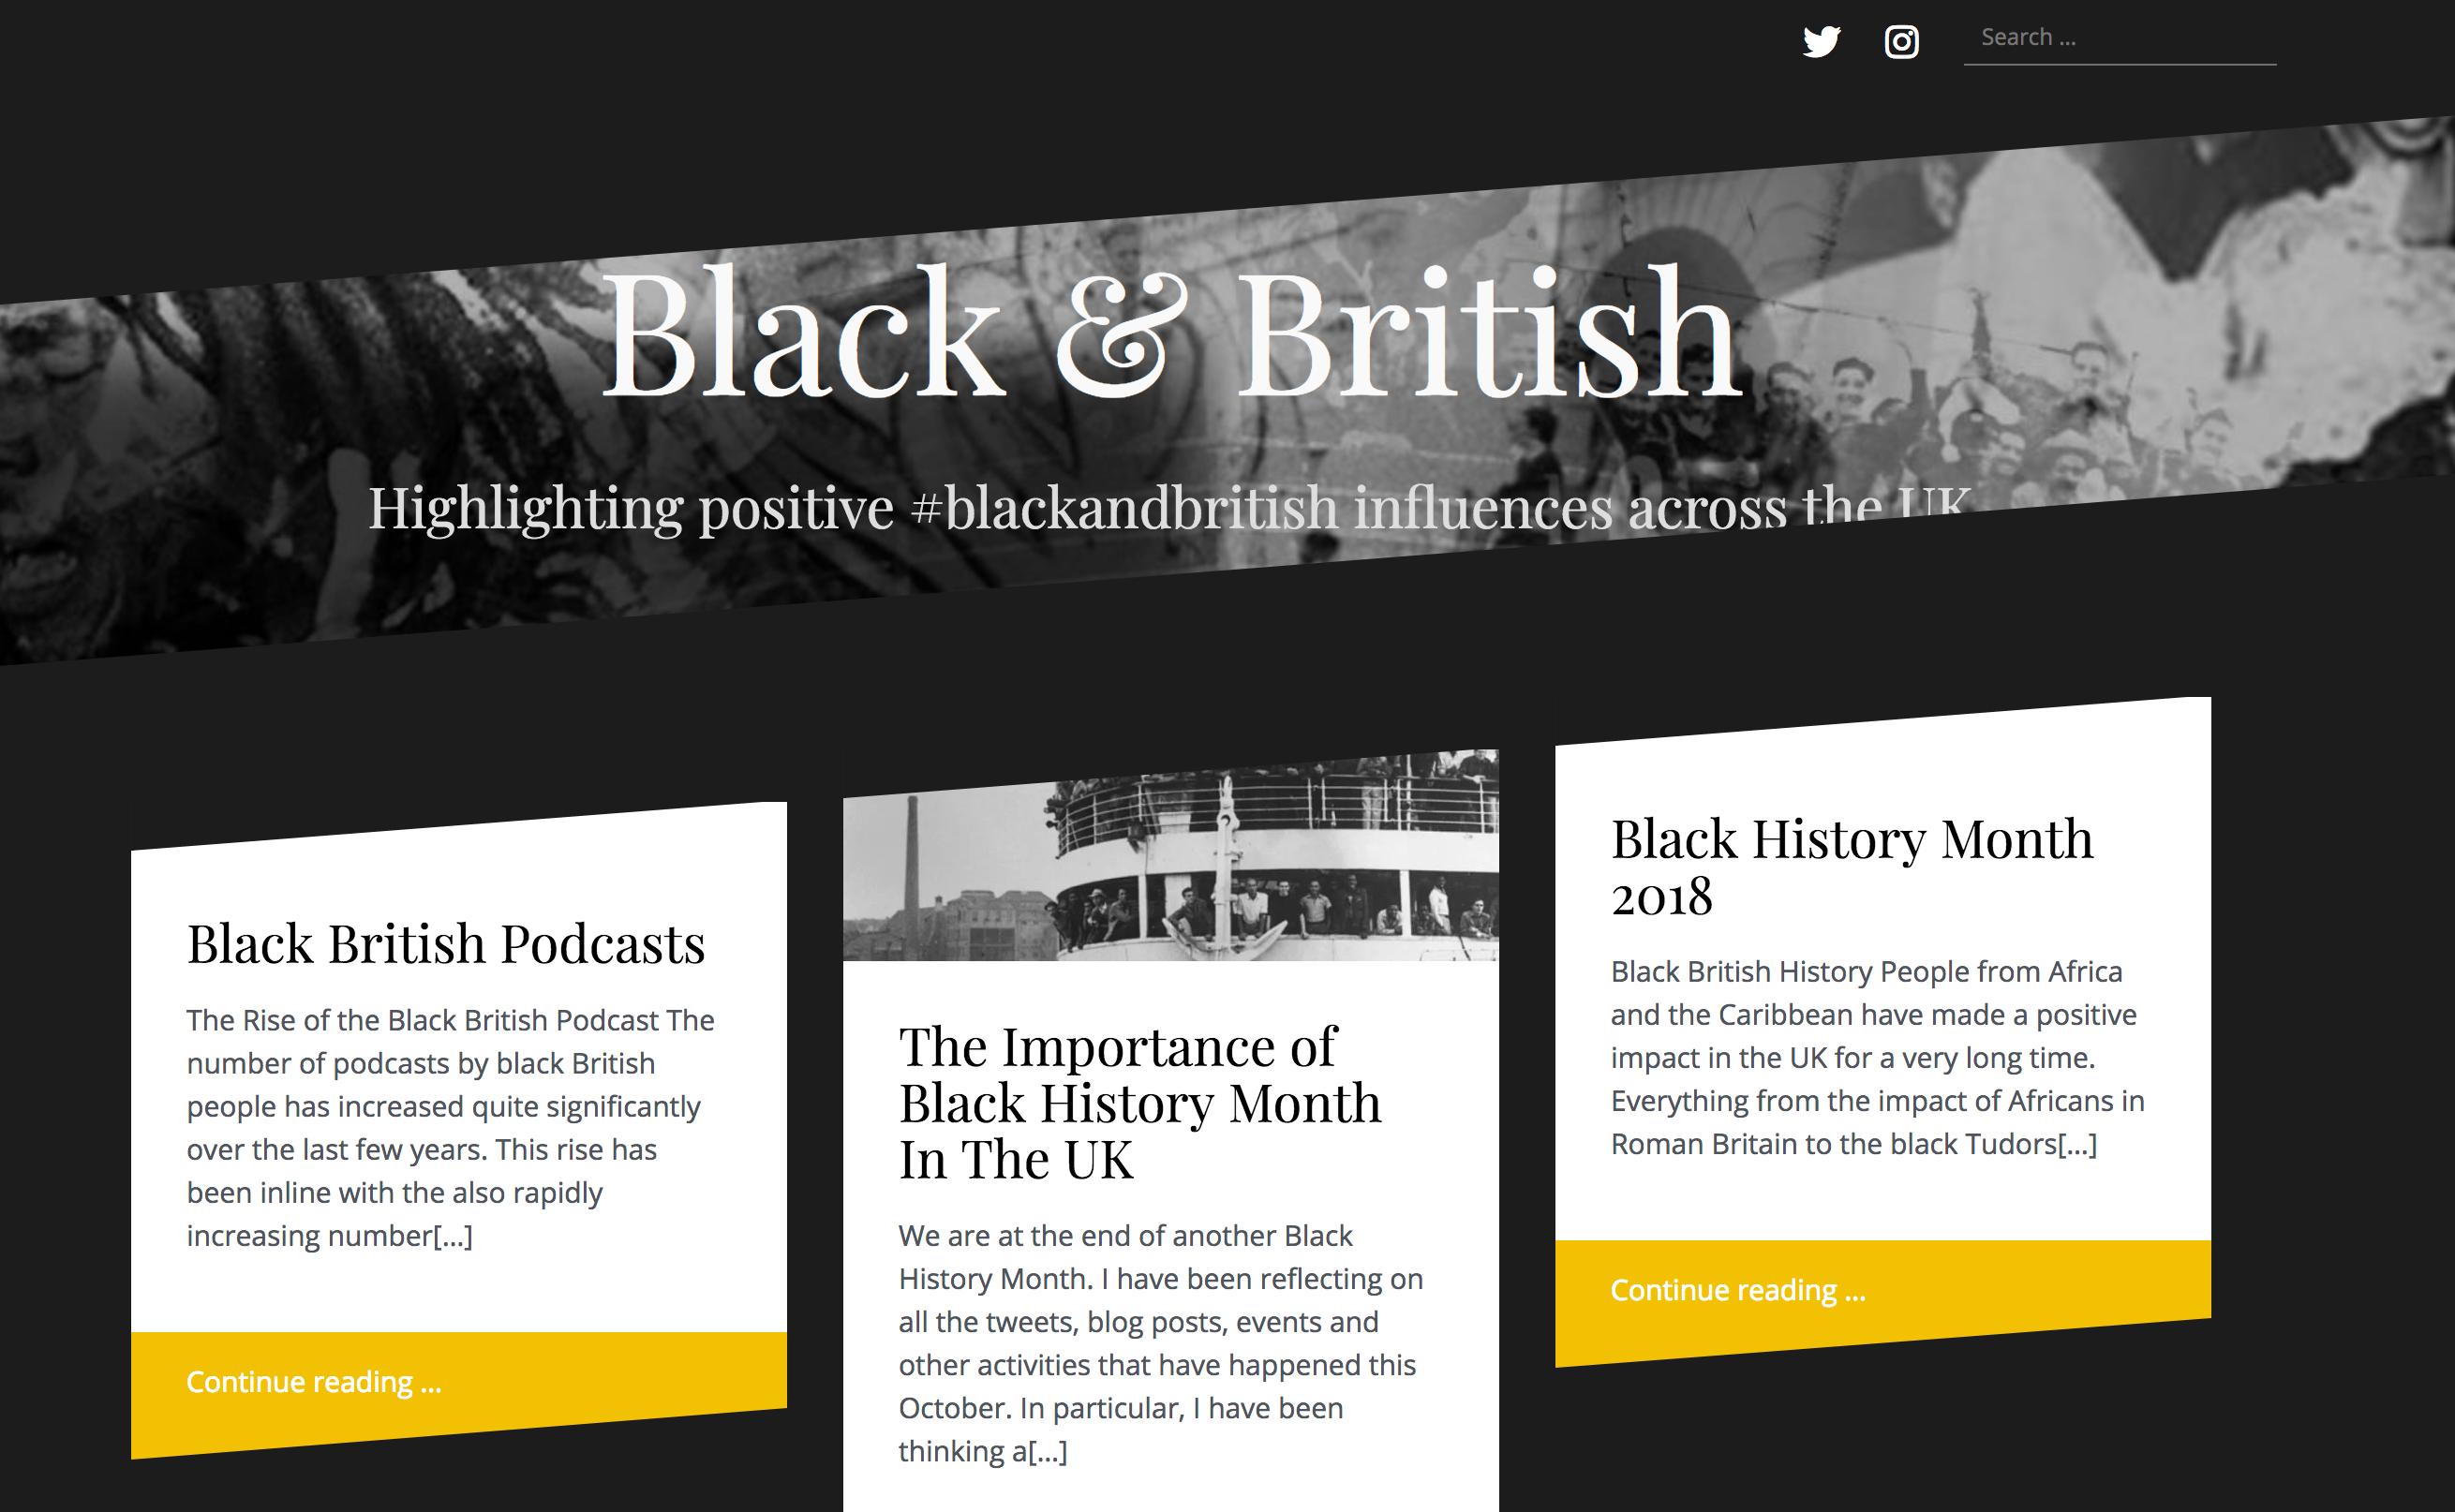 Black & British - Content platform to empower the Black British community